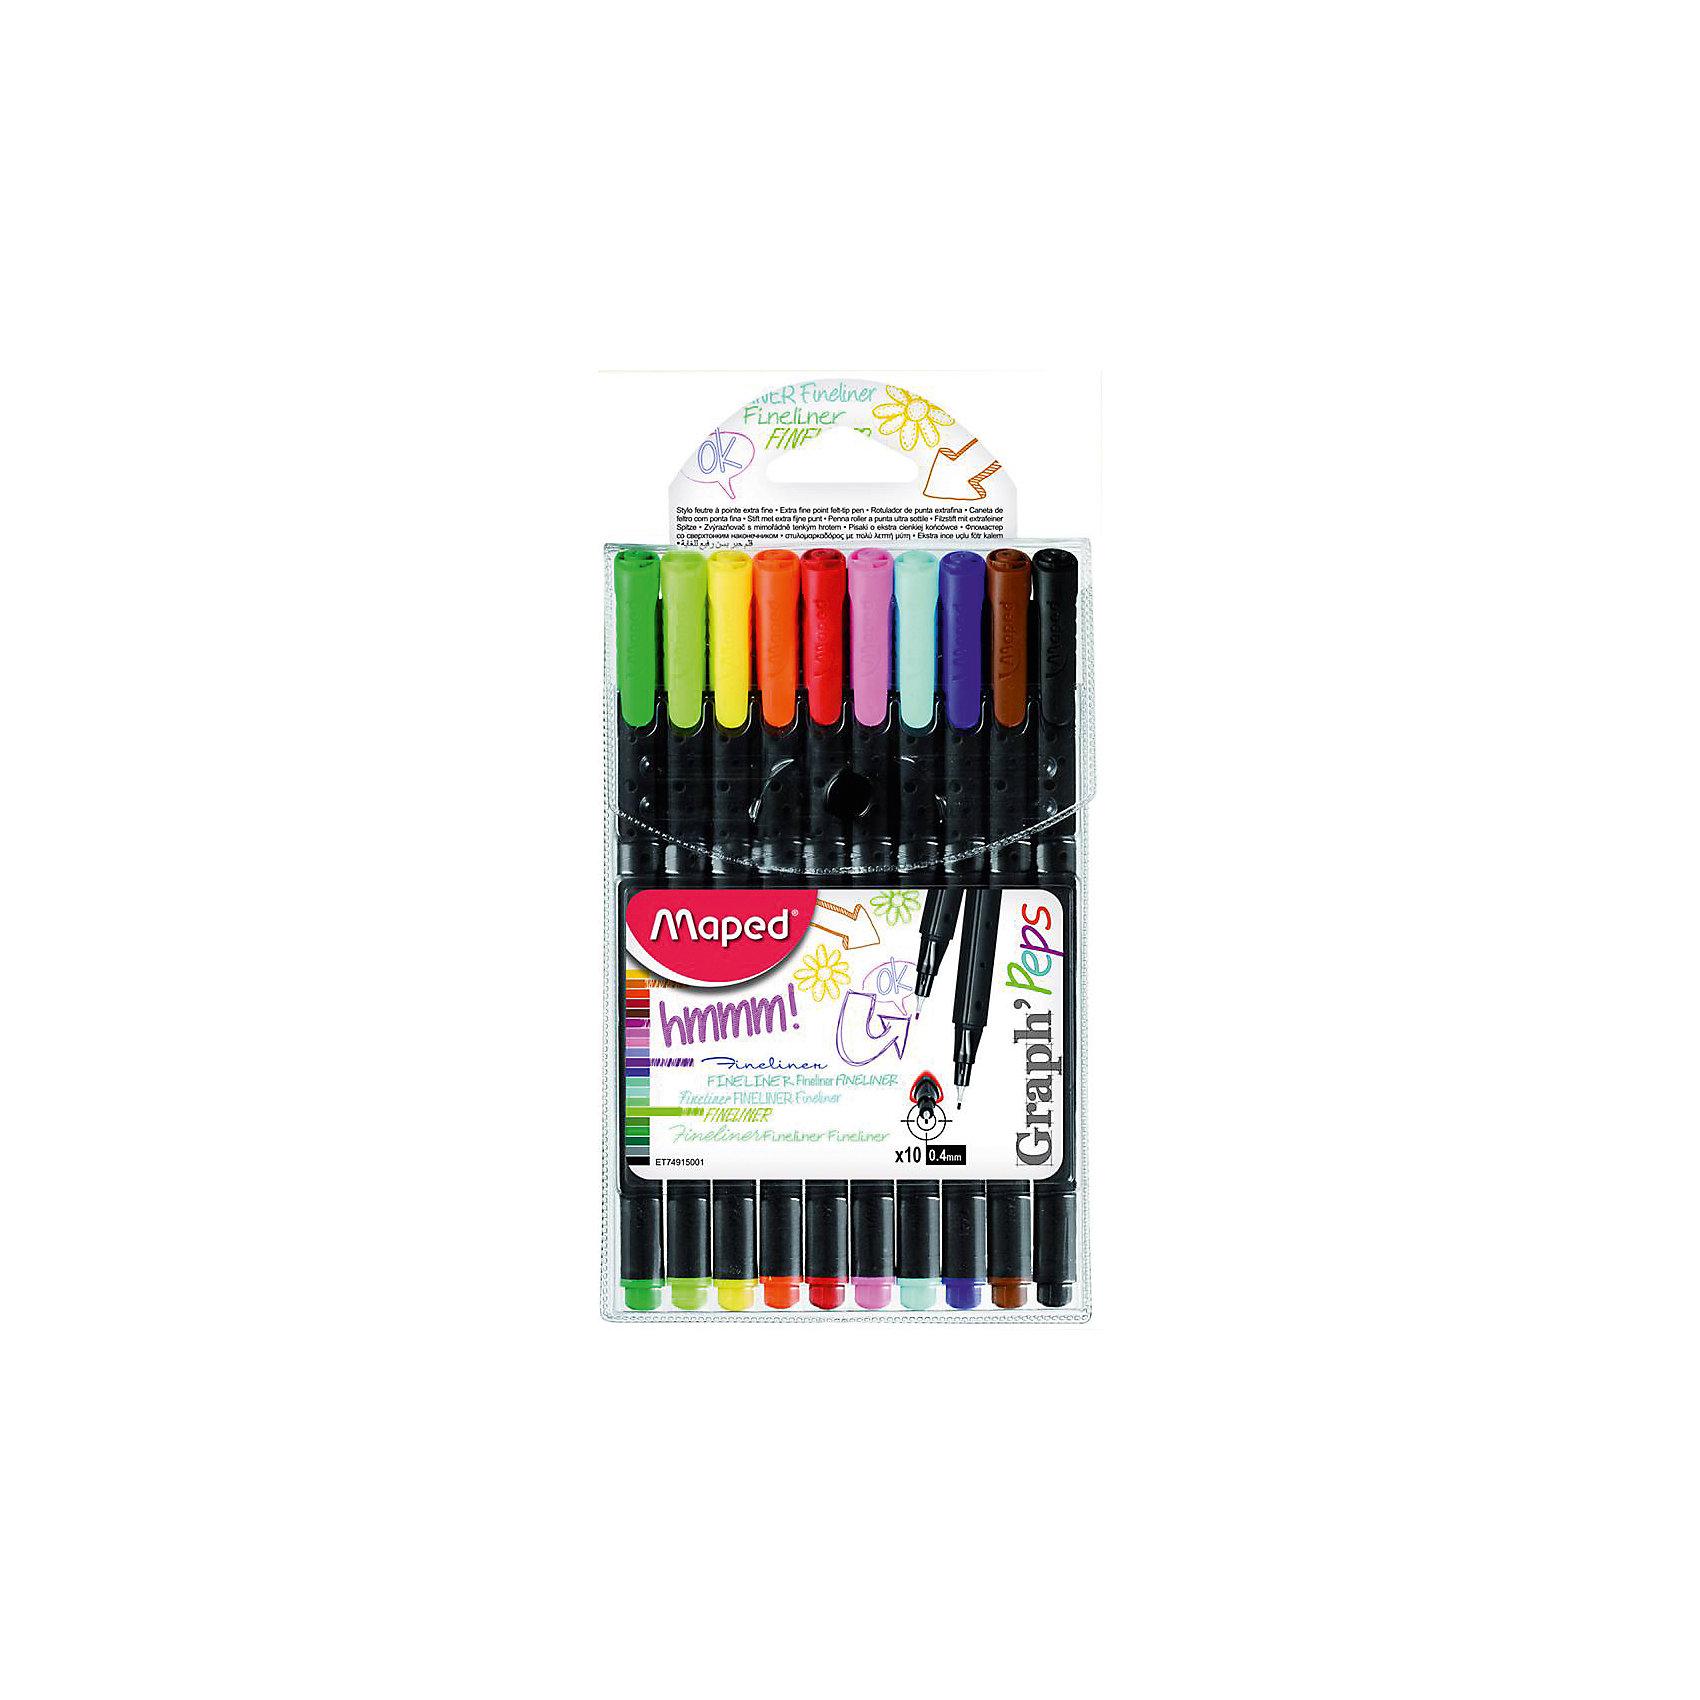 Набор ручек Graph peps, 0,4 мм, 10 цв.Письменные принадлежности<br>Набор ручек Graph peps, 0,4 мм, 10 цв., Maped (Мапед)<br><br>Характеристики:<br><br>• насыщенные цвета<br>• трехгранный корпус<br>• толщина линии: 0,4 мм<br>• материал: пластик, металл<br>• в комплекте: ручки 10 цветов (зеленый, салатовый, желтый, оранжевый, красный, розовый, голубой, синий, коричневый, черный)<br>• размер упаковки: 16,5х10,2х1,5 см<br><br>Graph Peps - набор уникальных ручек, с помощью которых ваш ребенок сможет создать четкие и ровные линии ярких цветов. Толщина линии каждой ручки: 0,4 мм. Ручки имеют удобную форму корпуса - конус. Это позволит обеспечить правильный захват при письме. Ручки Graph Peps подходят и для письма, и для рисования.<br><br>Набор ручек Graph peps, 0,4 мм, 10 цв., Maped (Мапед) вы можете купить в нашем интернет-магазине.<br><br>Ширина мм: 15<br>Глубина мм: 165<br>Высота мм: 102<br>Вес г: 78<br>Возраст от месяцев: 36<br>Возраст до месяцев: 84<br>Пол: Унисекс<br>Возраст: Детский<br>SKU: 4782509